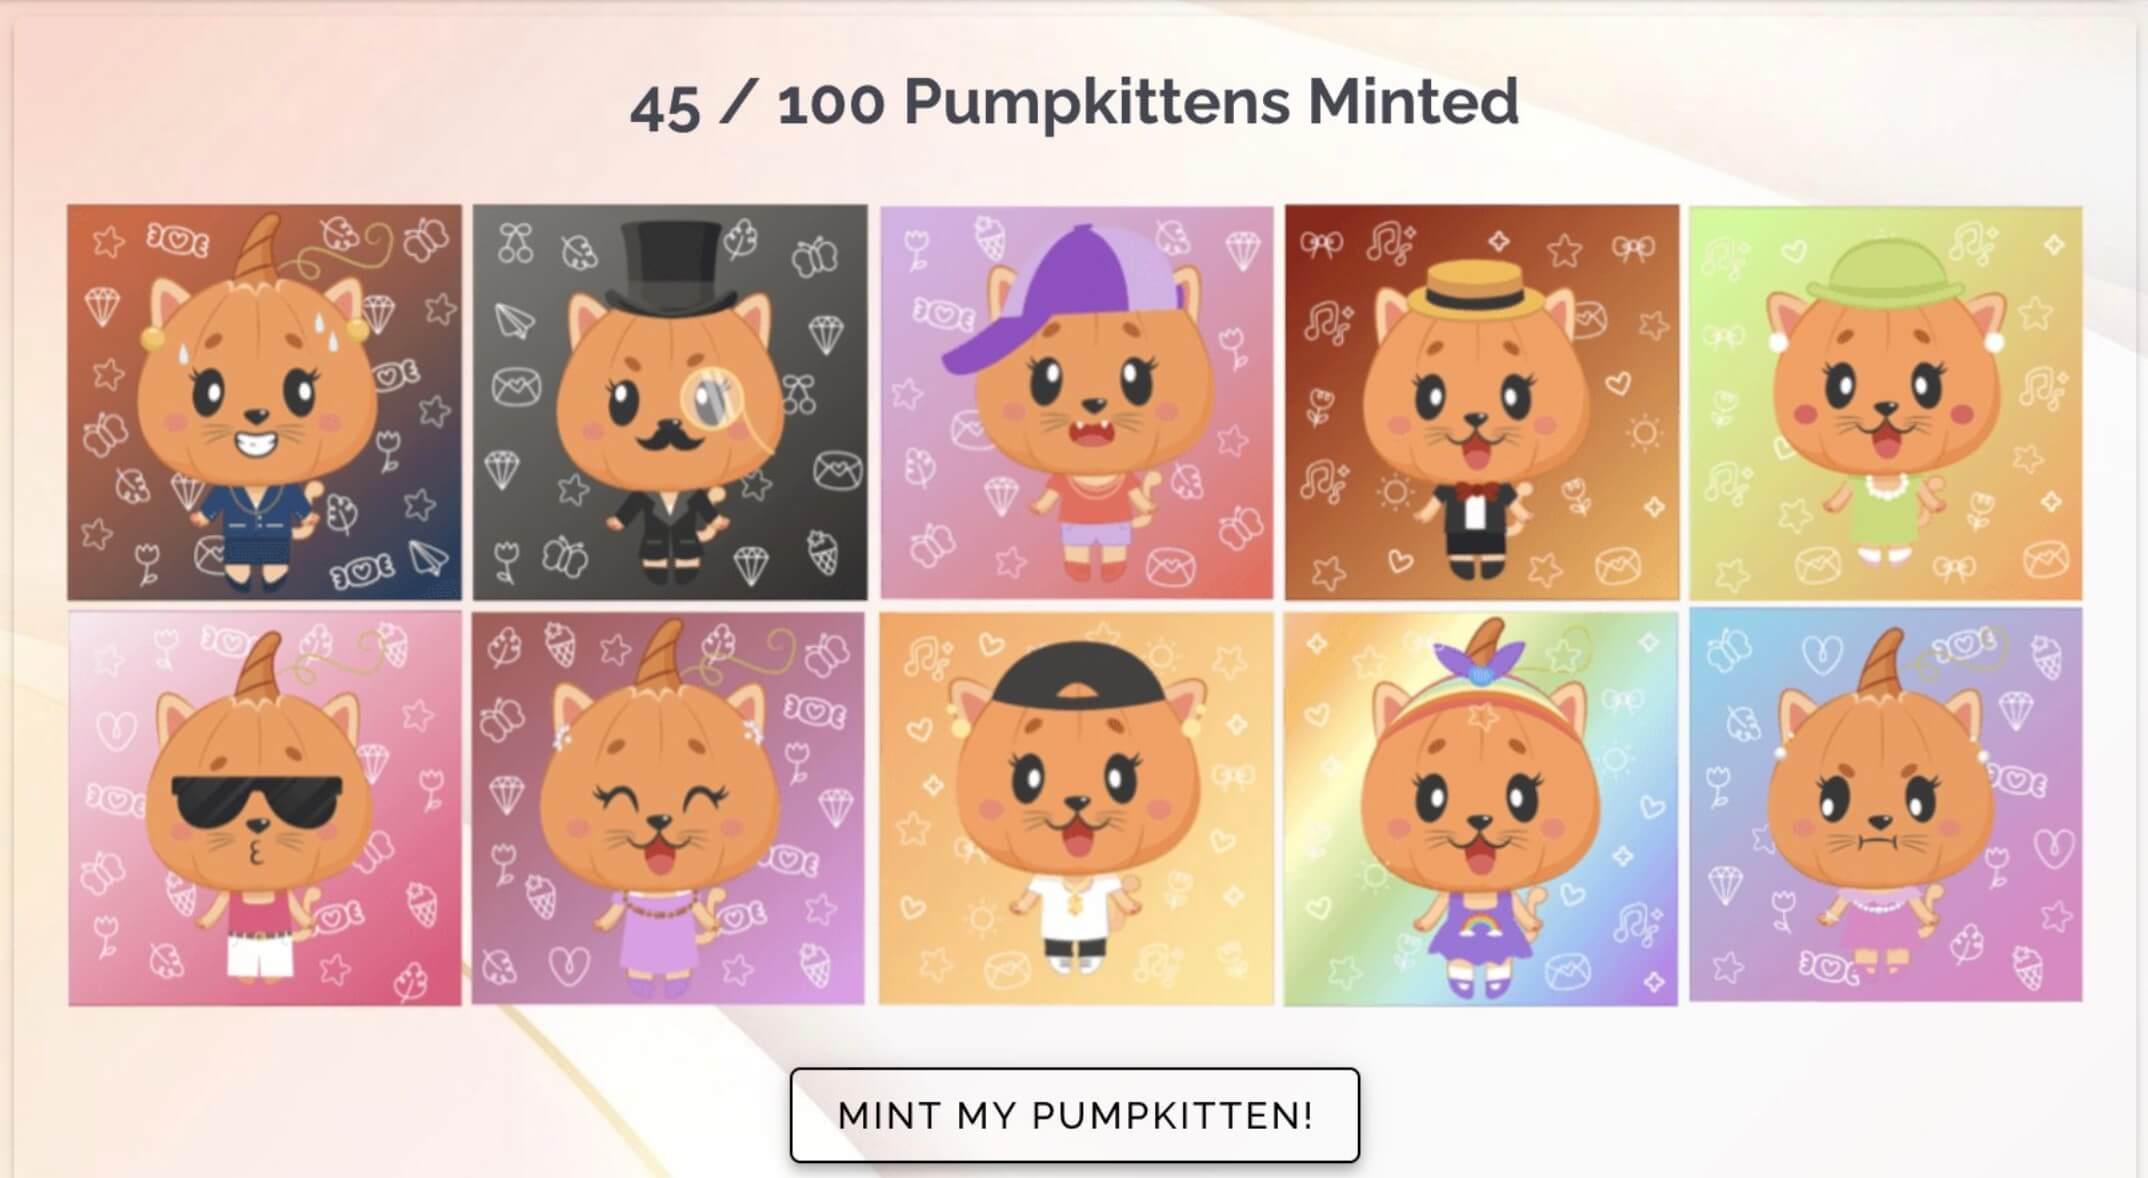 Pumpkittens NFT